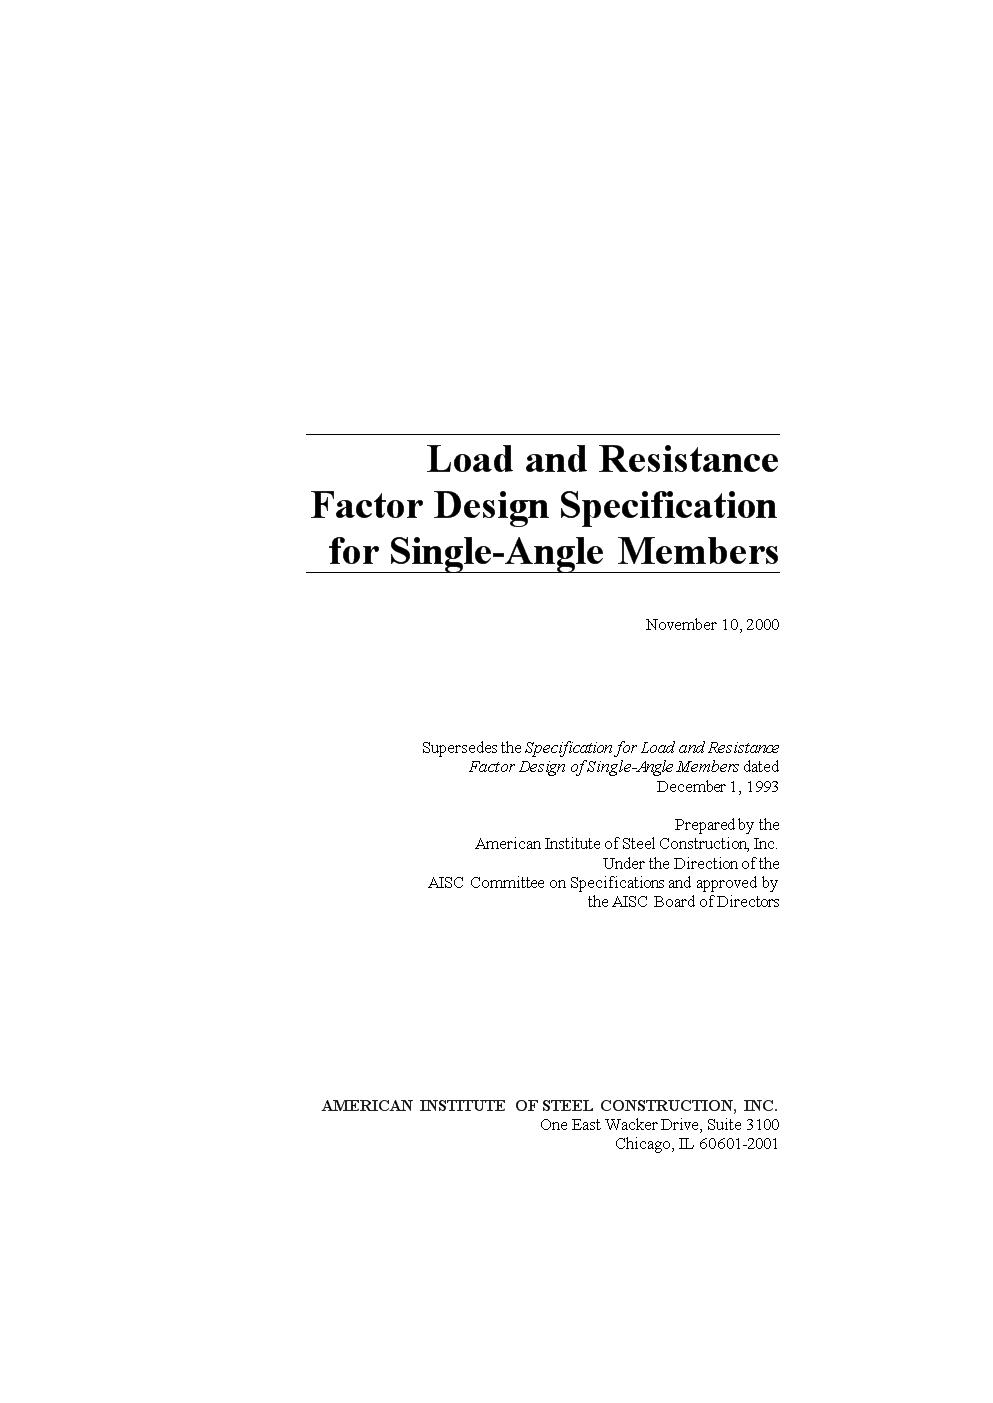 美国钢结构学会-单角钢规范英文原版.docx